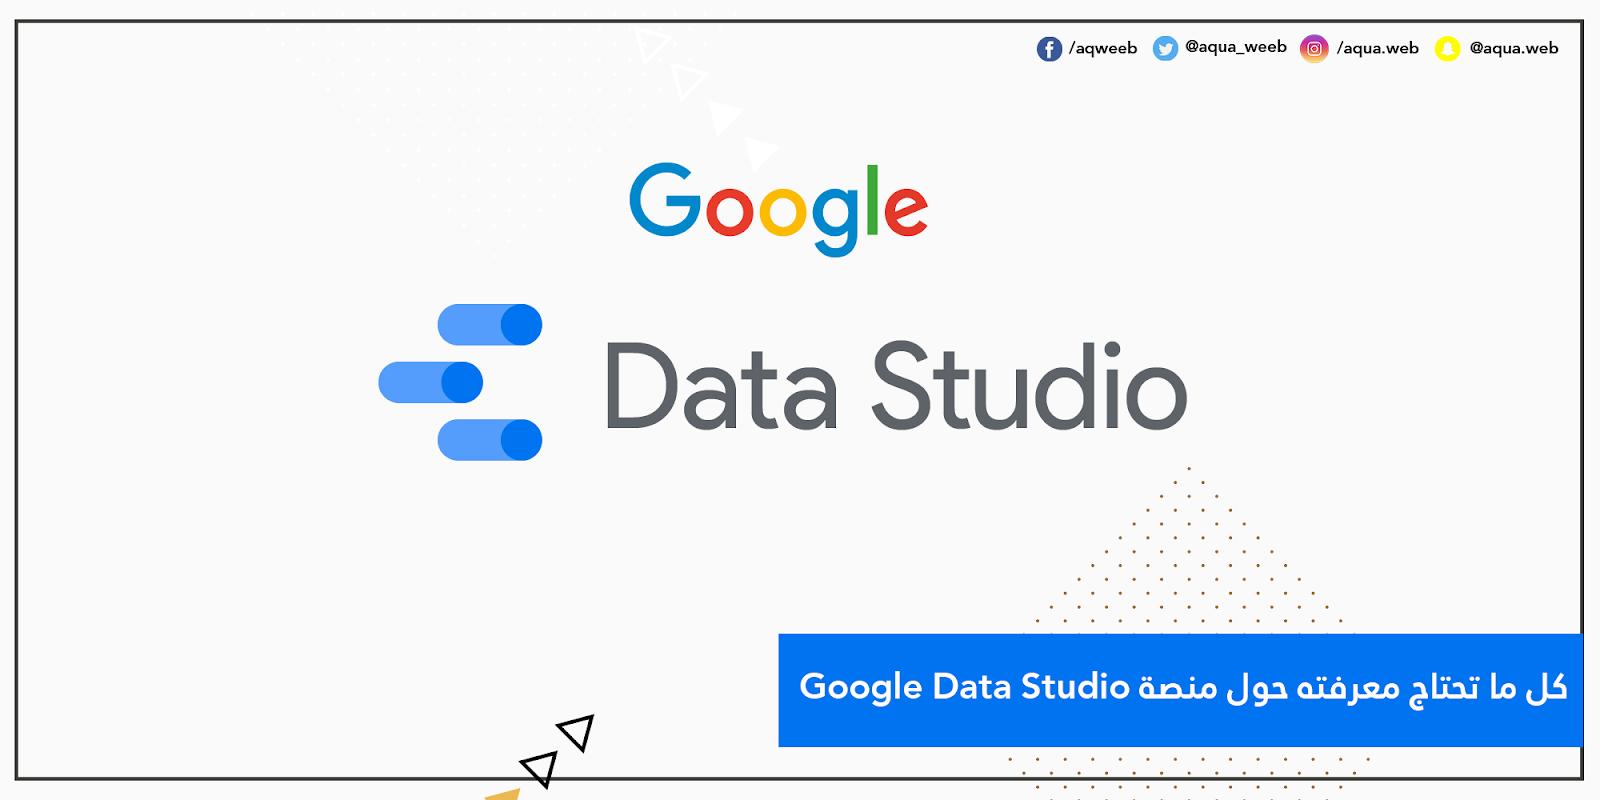 كل ما تحتاج معرفته حول منصة Google Data Studio